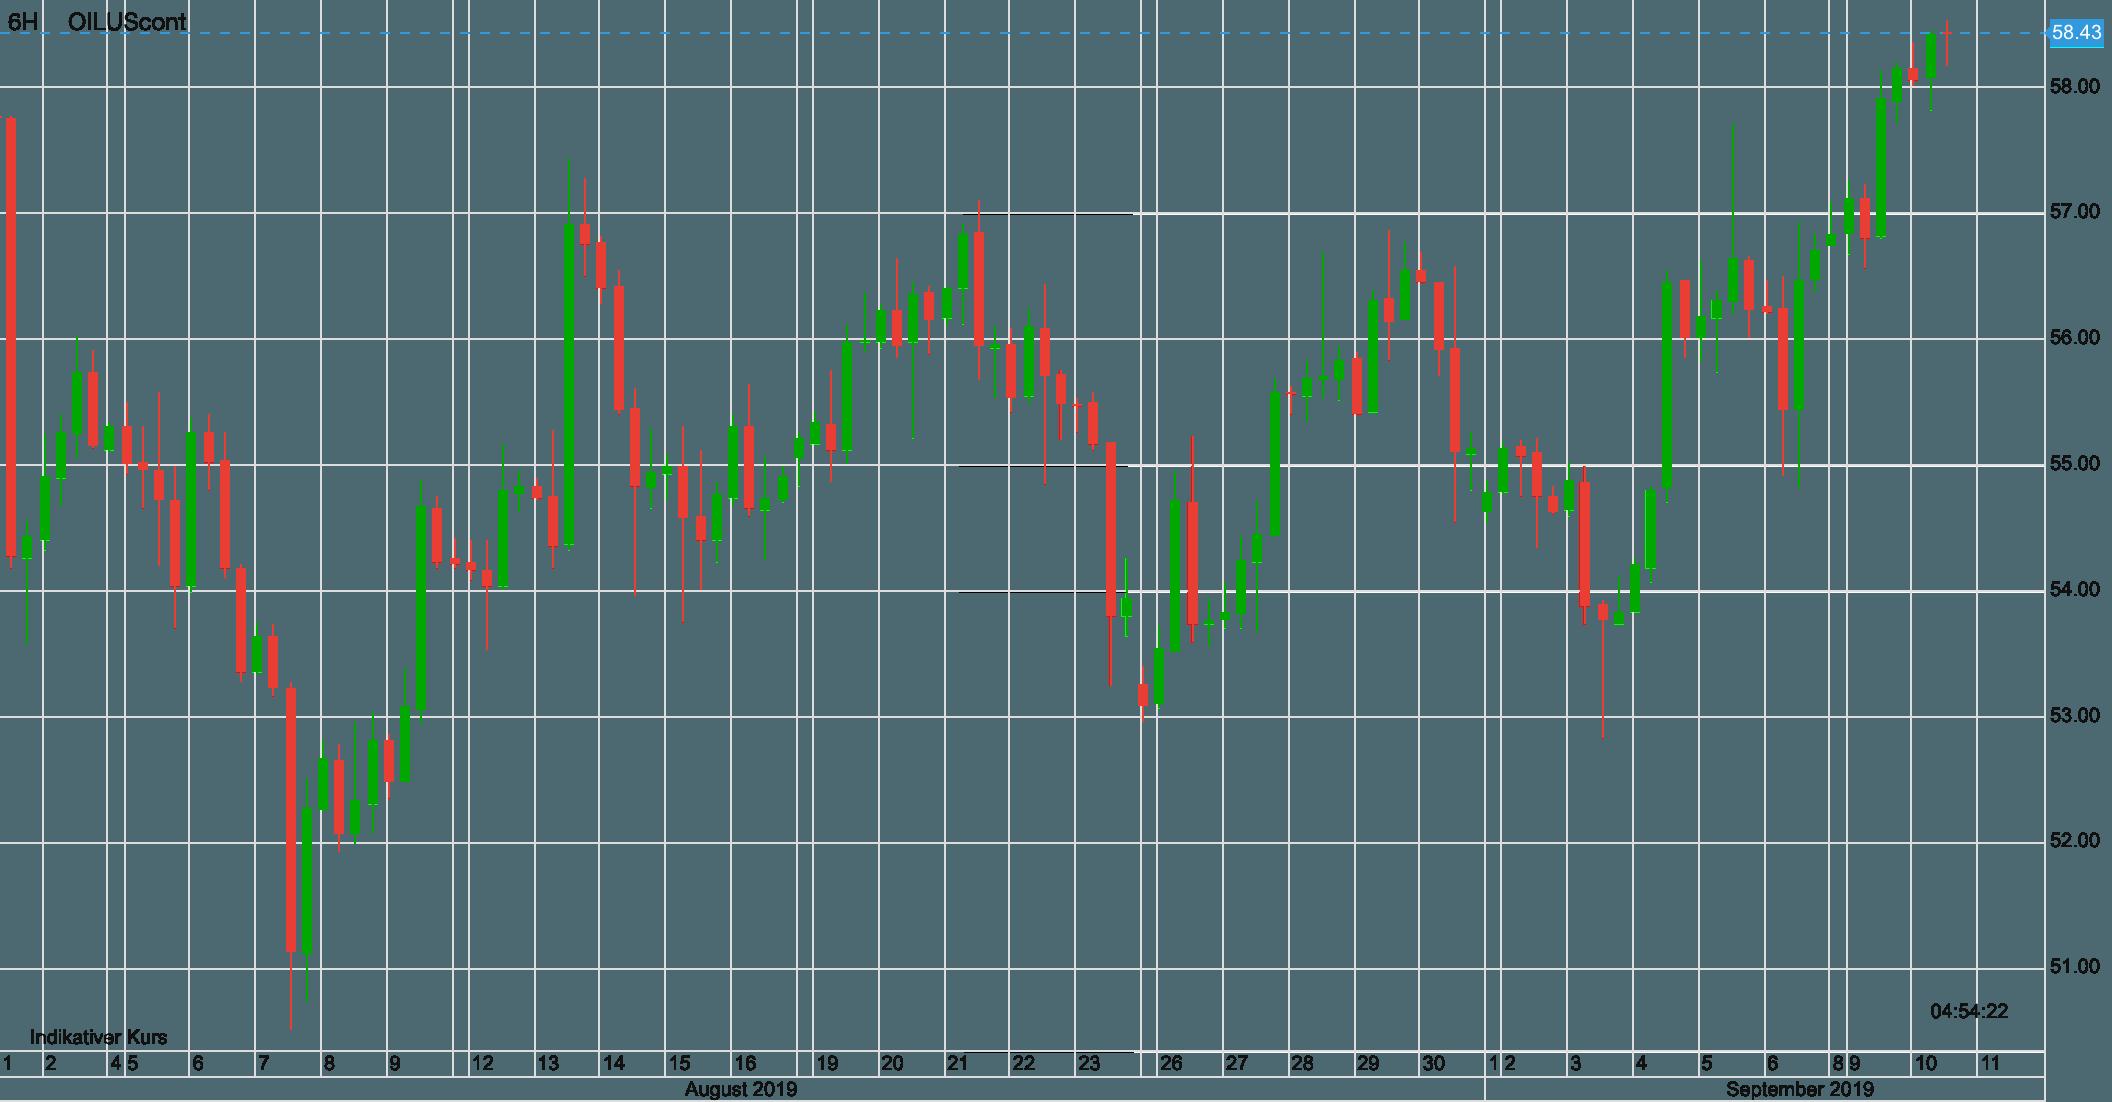 Ölpreis WTI seit Anfang August